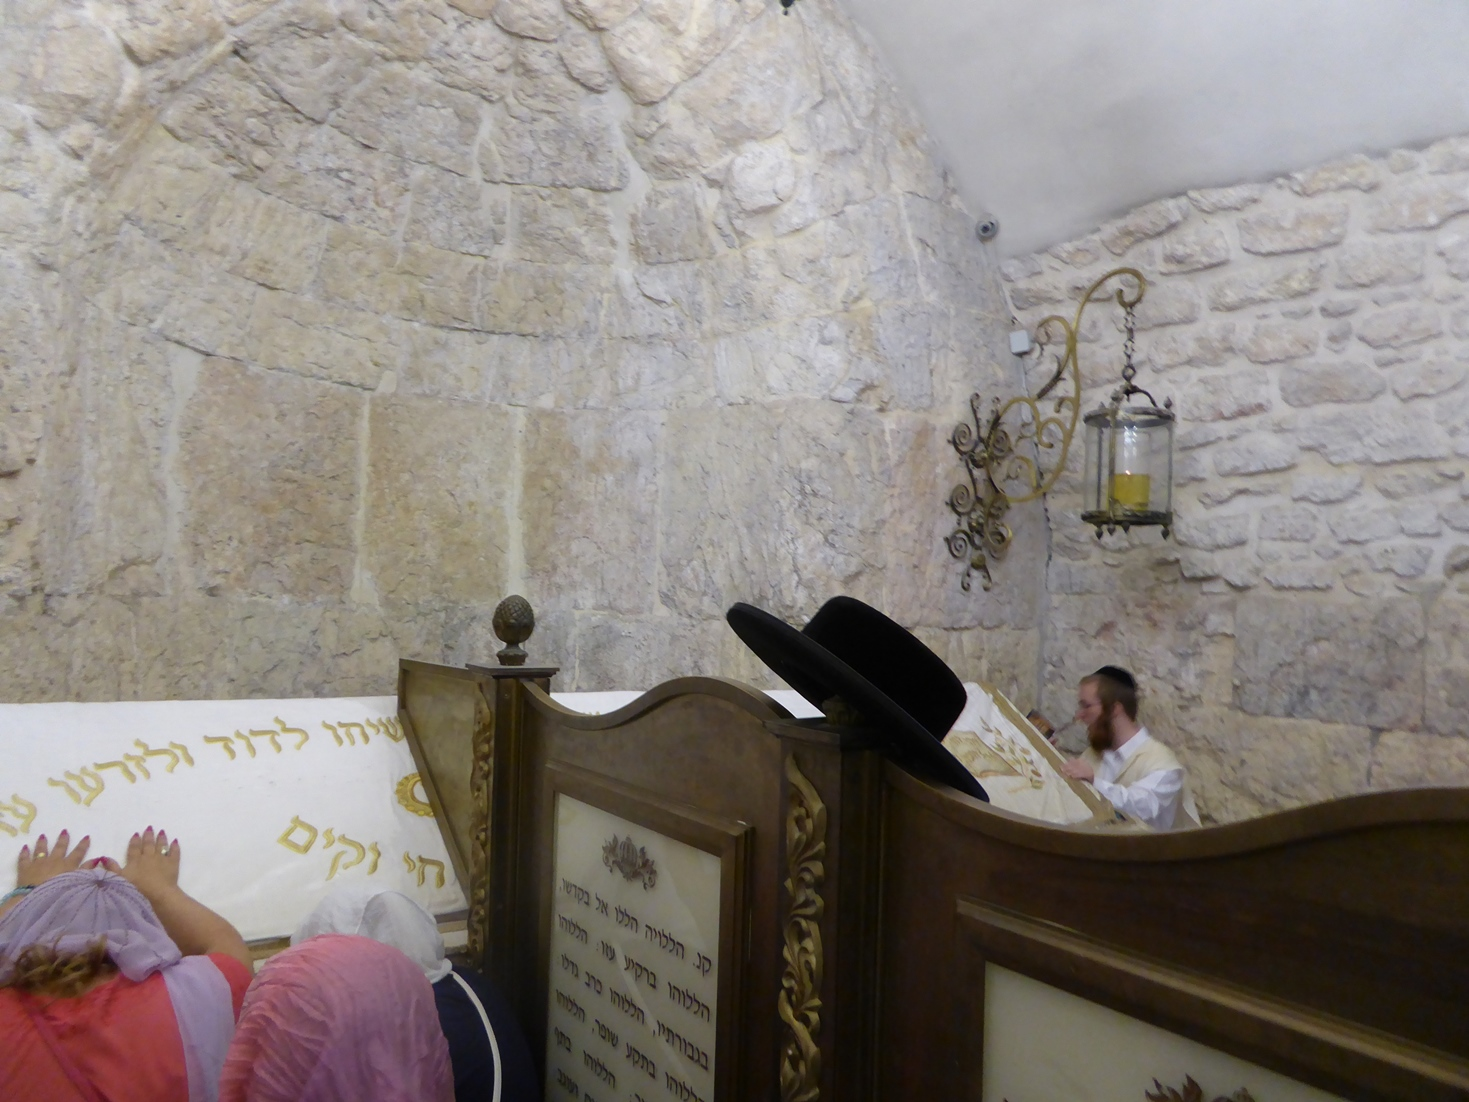 mormantul-regelui-david-psalmistul-sinagoga-ierusalim